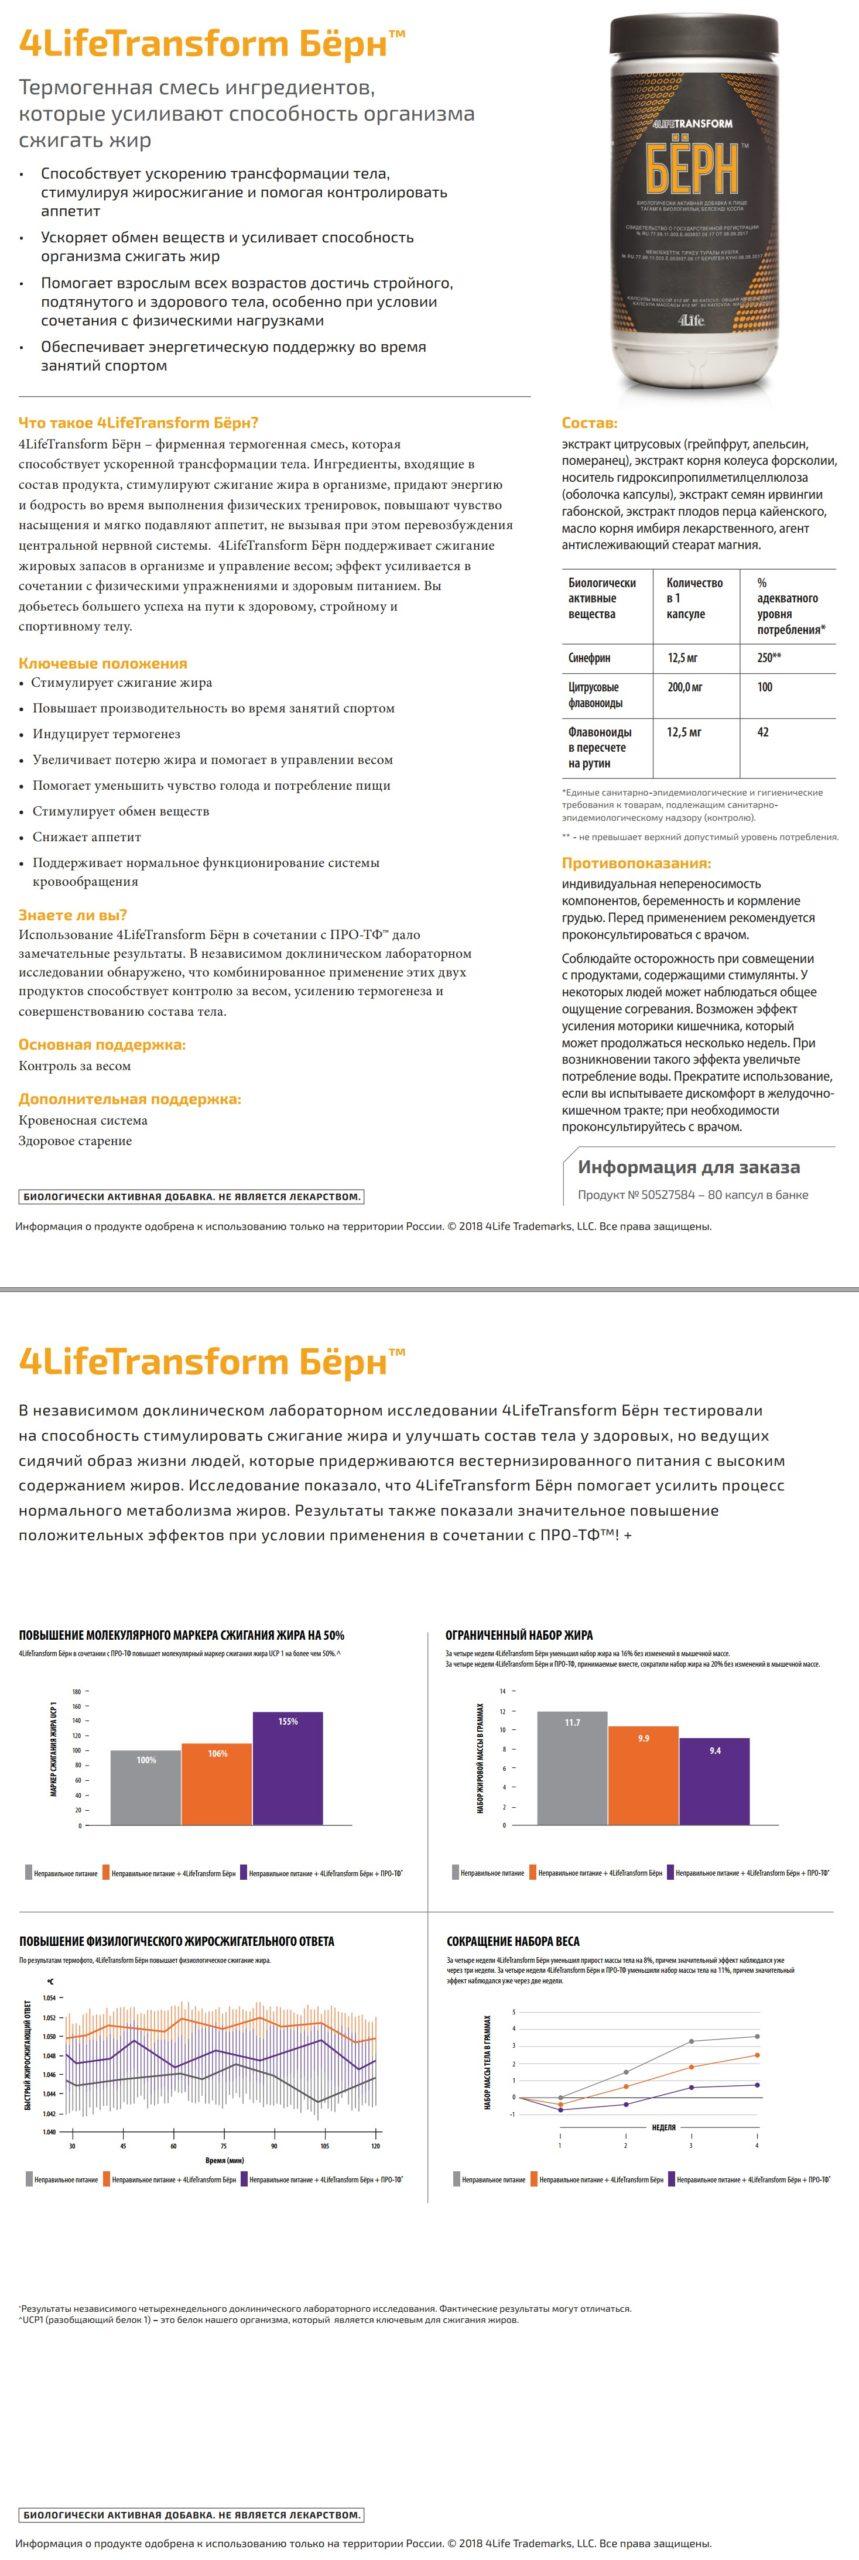 Prezentaciy 4Life Transform Burn